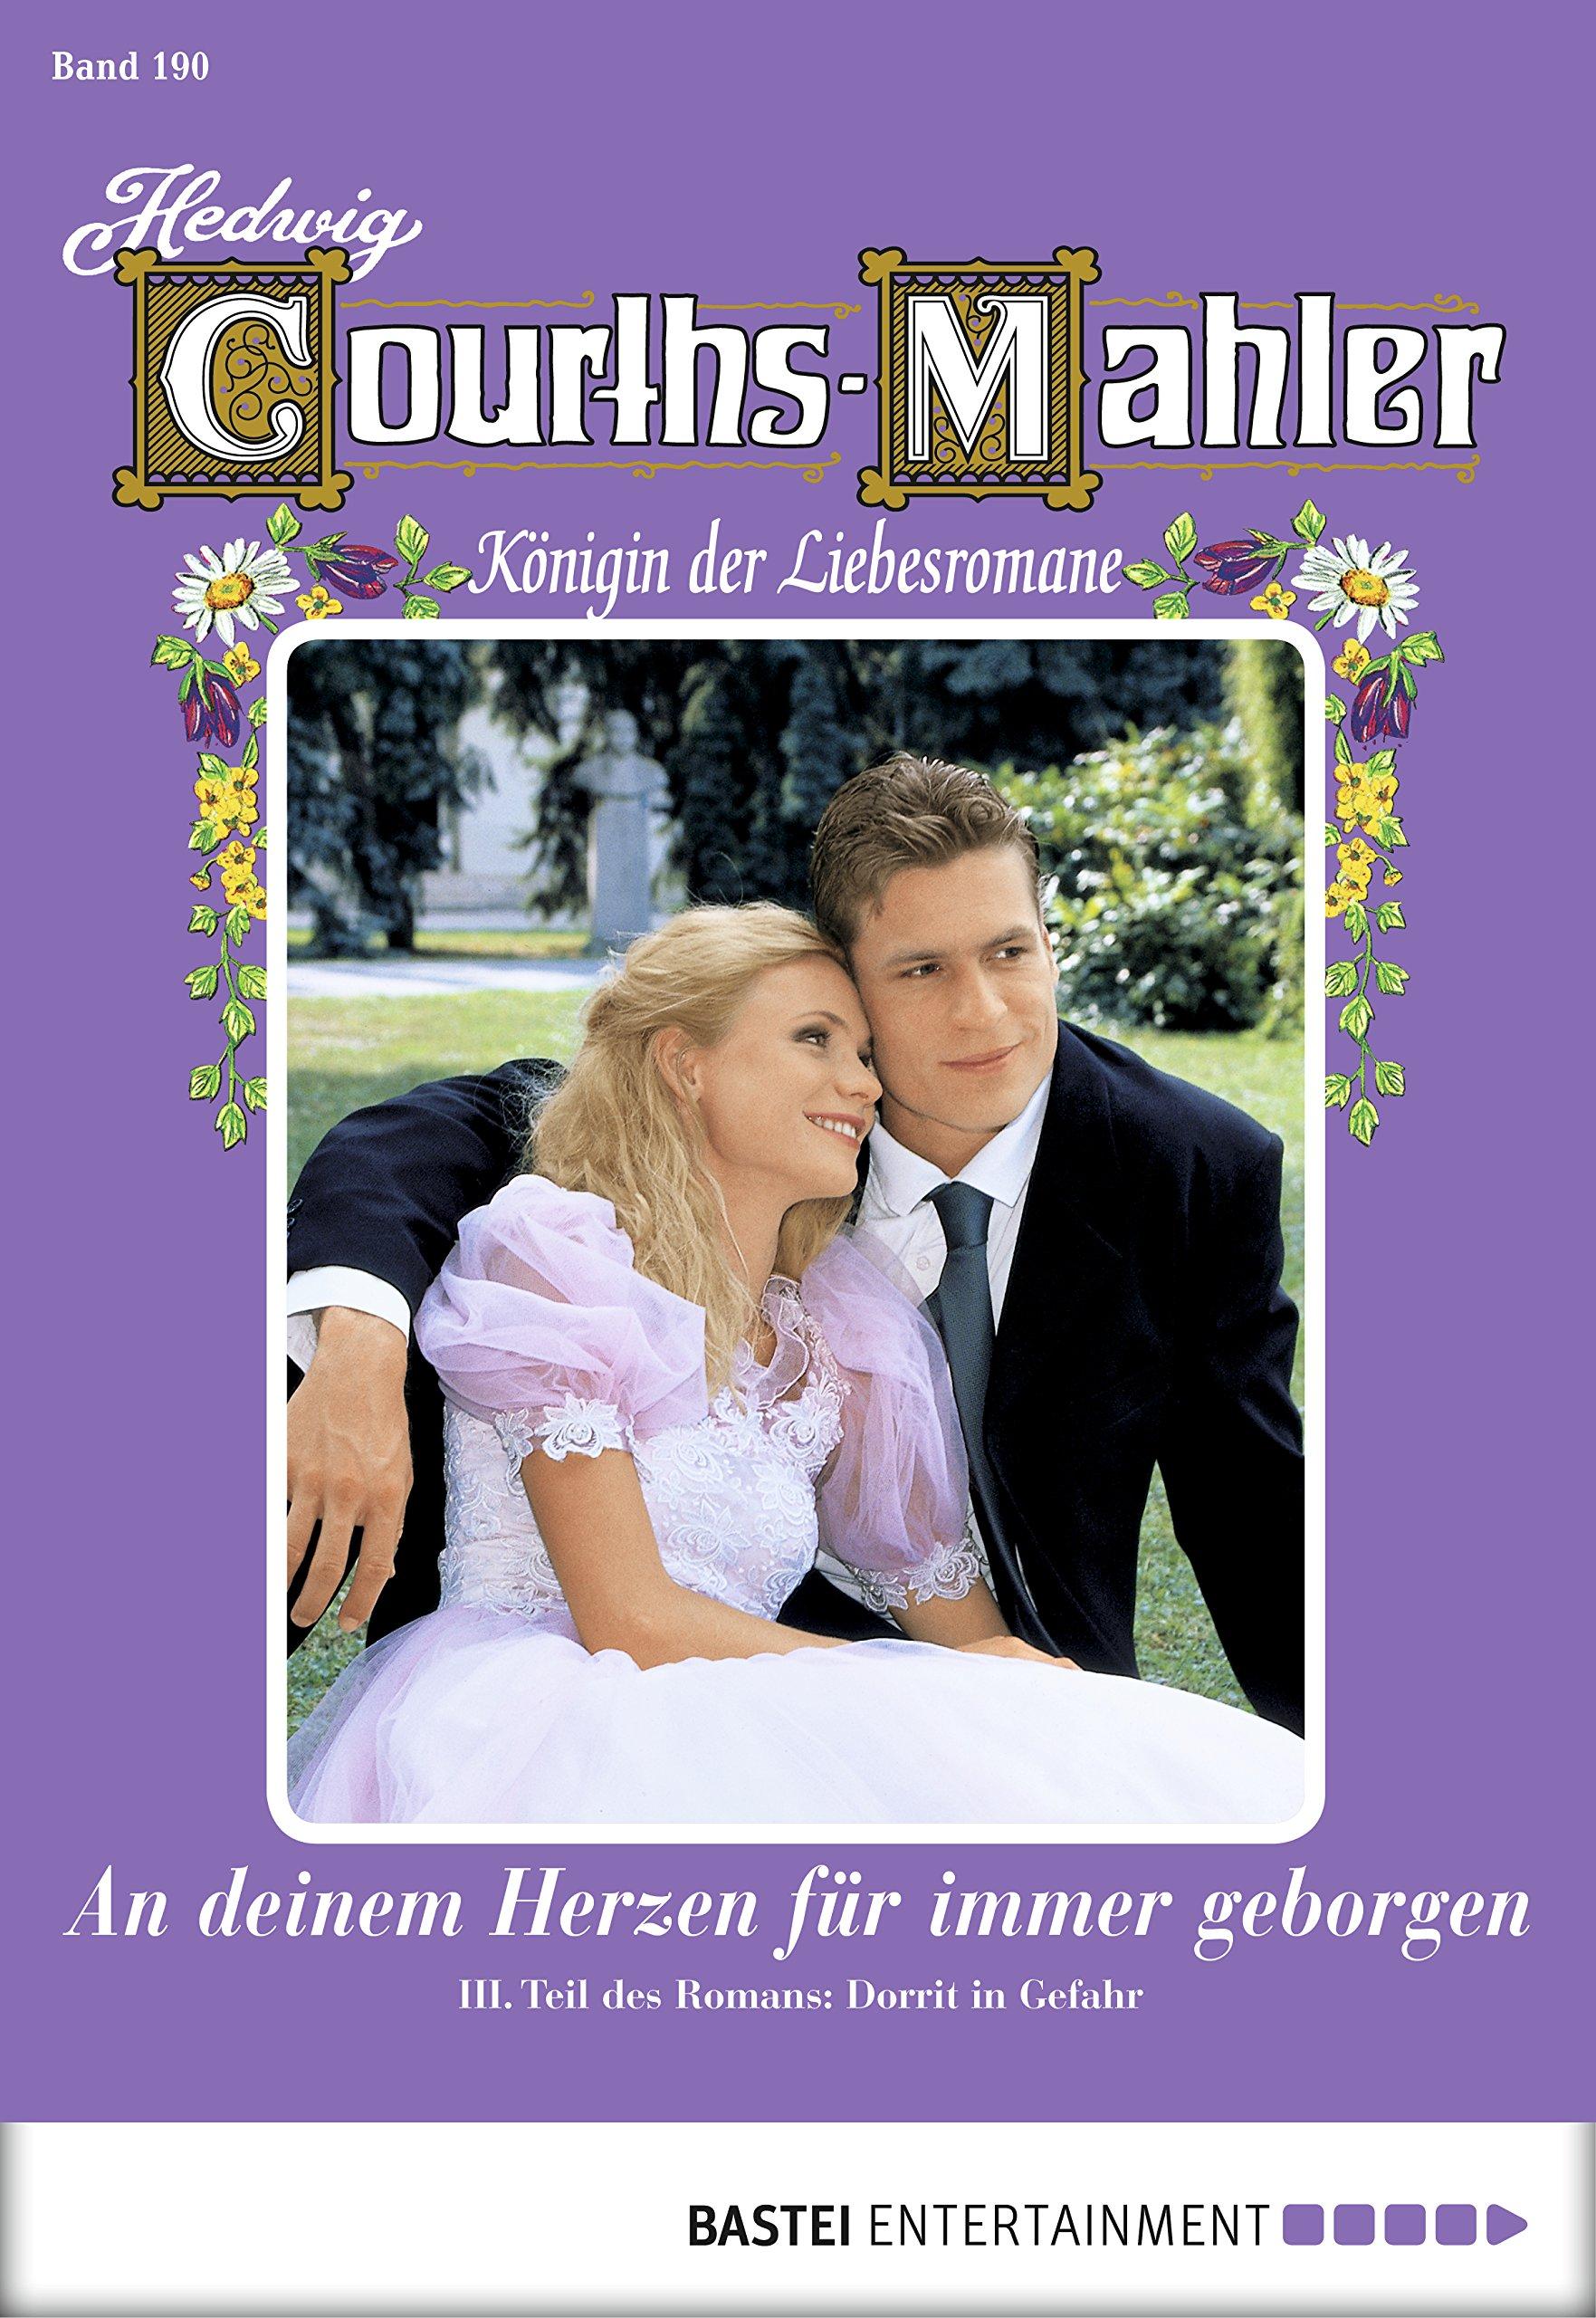 Hedwig Courths-Mahler - Folge 190: An deinem Herz für immer geborgen - 3. Teil (German Edition)